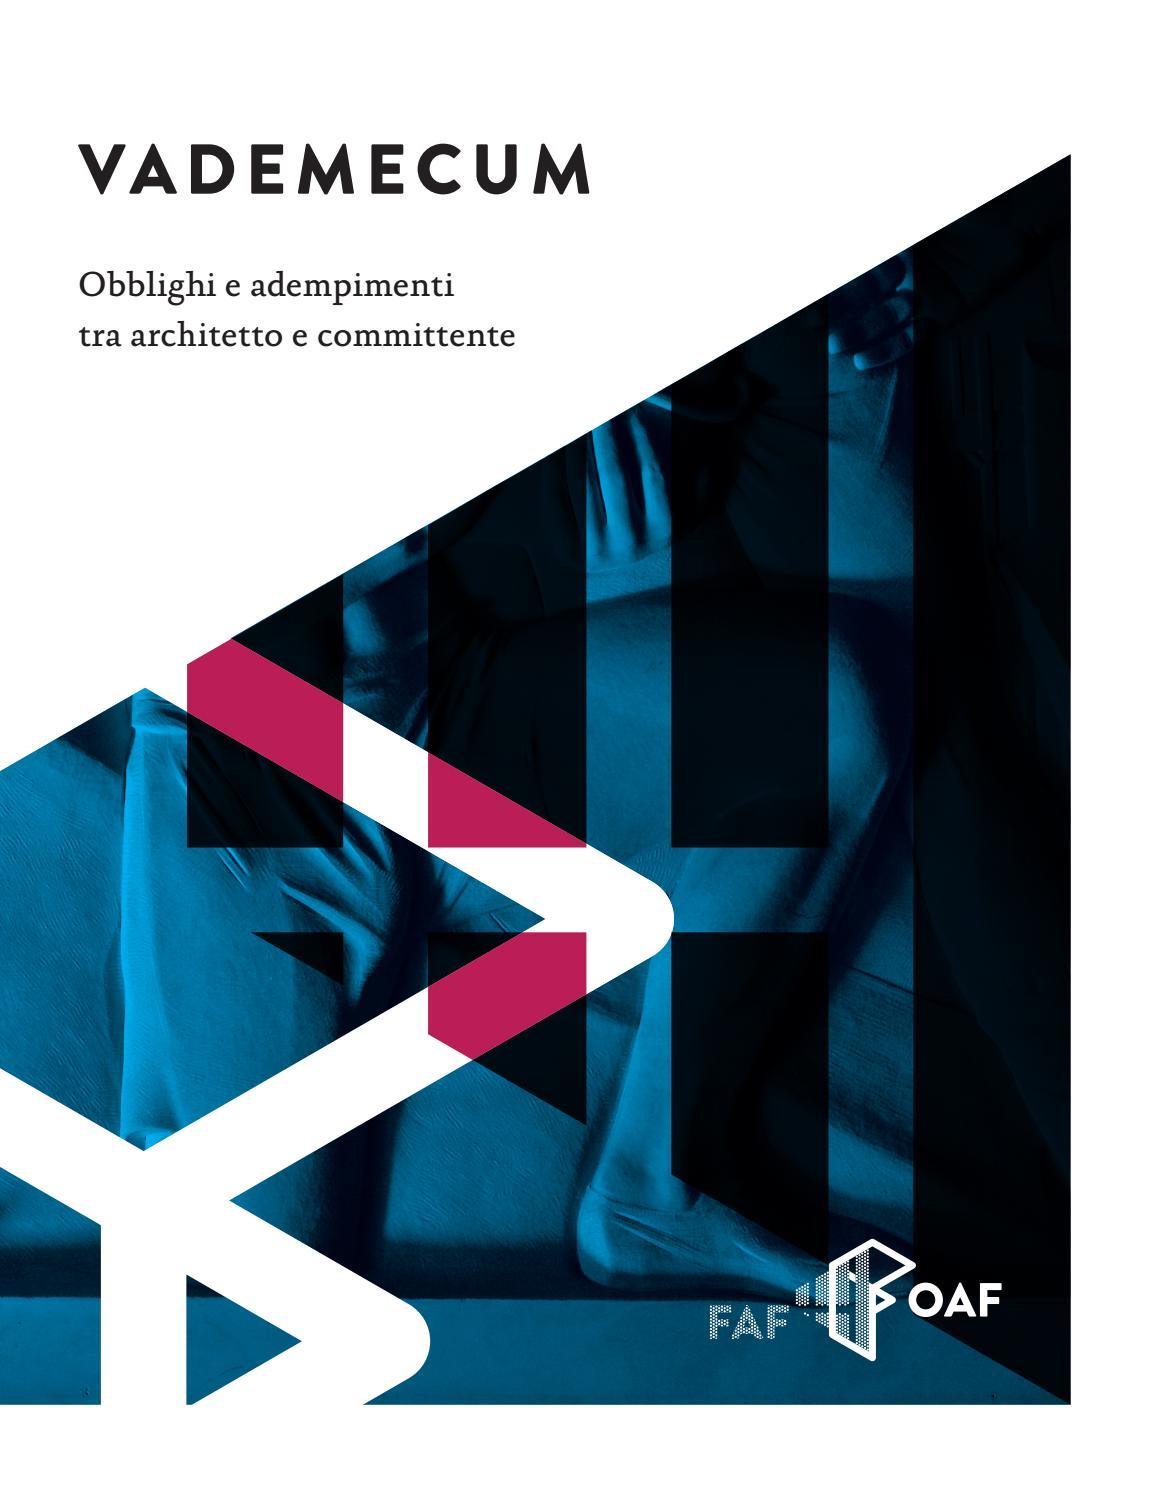 Facile Ristrutturare Opinioni Architetti vademecum: obblighi e adempimenti tra architetto e